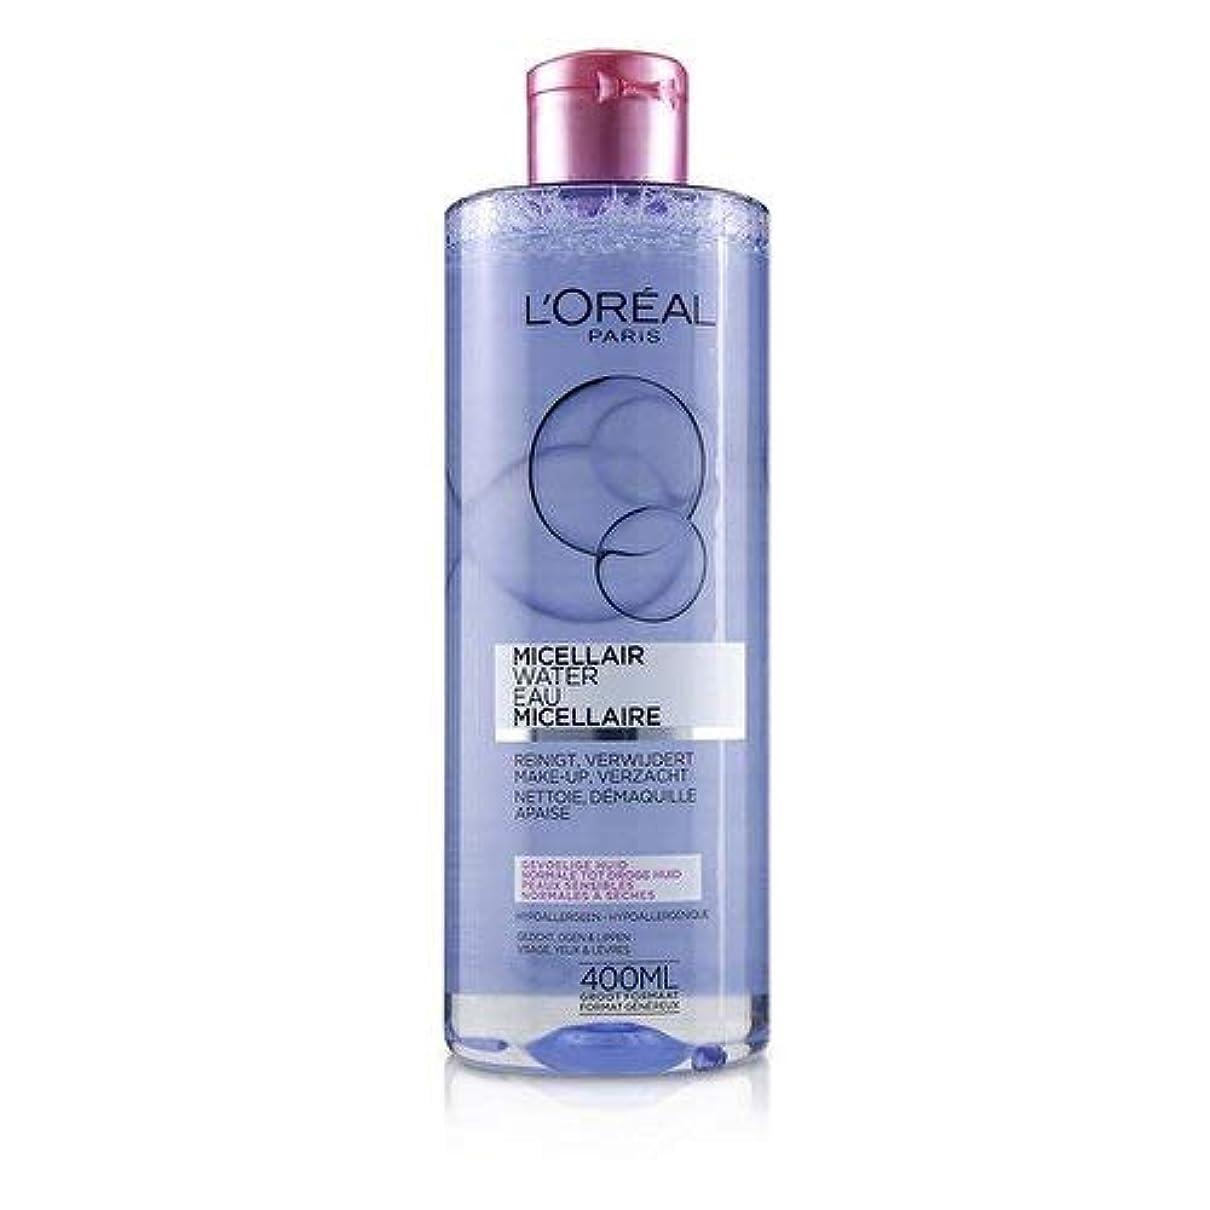 レベルシマウマラリーロレアル Micellar Water - Normal to Dry Skin & Even Sensitive Skin 400ml/13.3oz並行輸入品